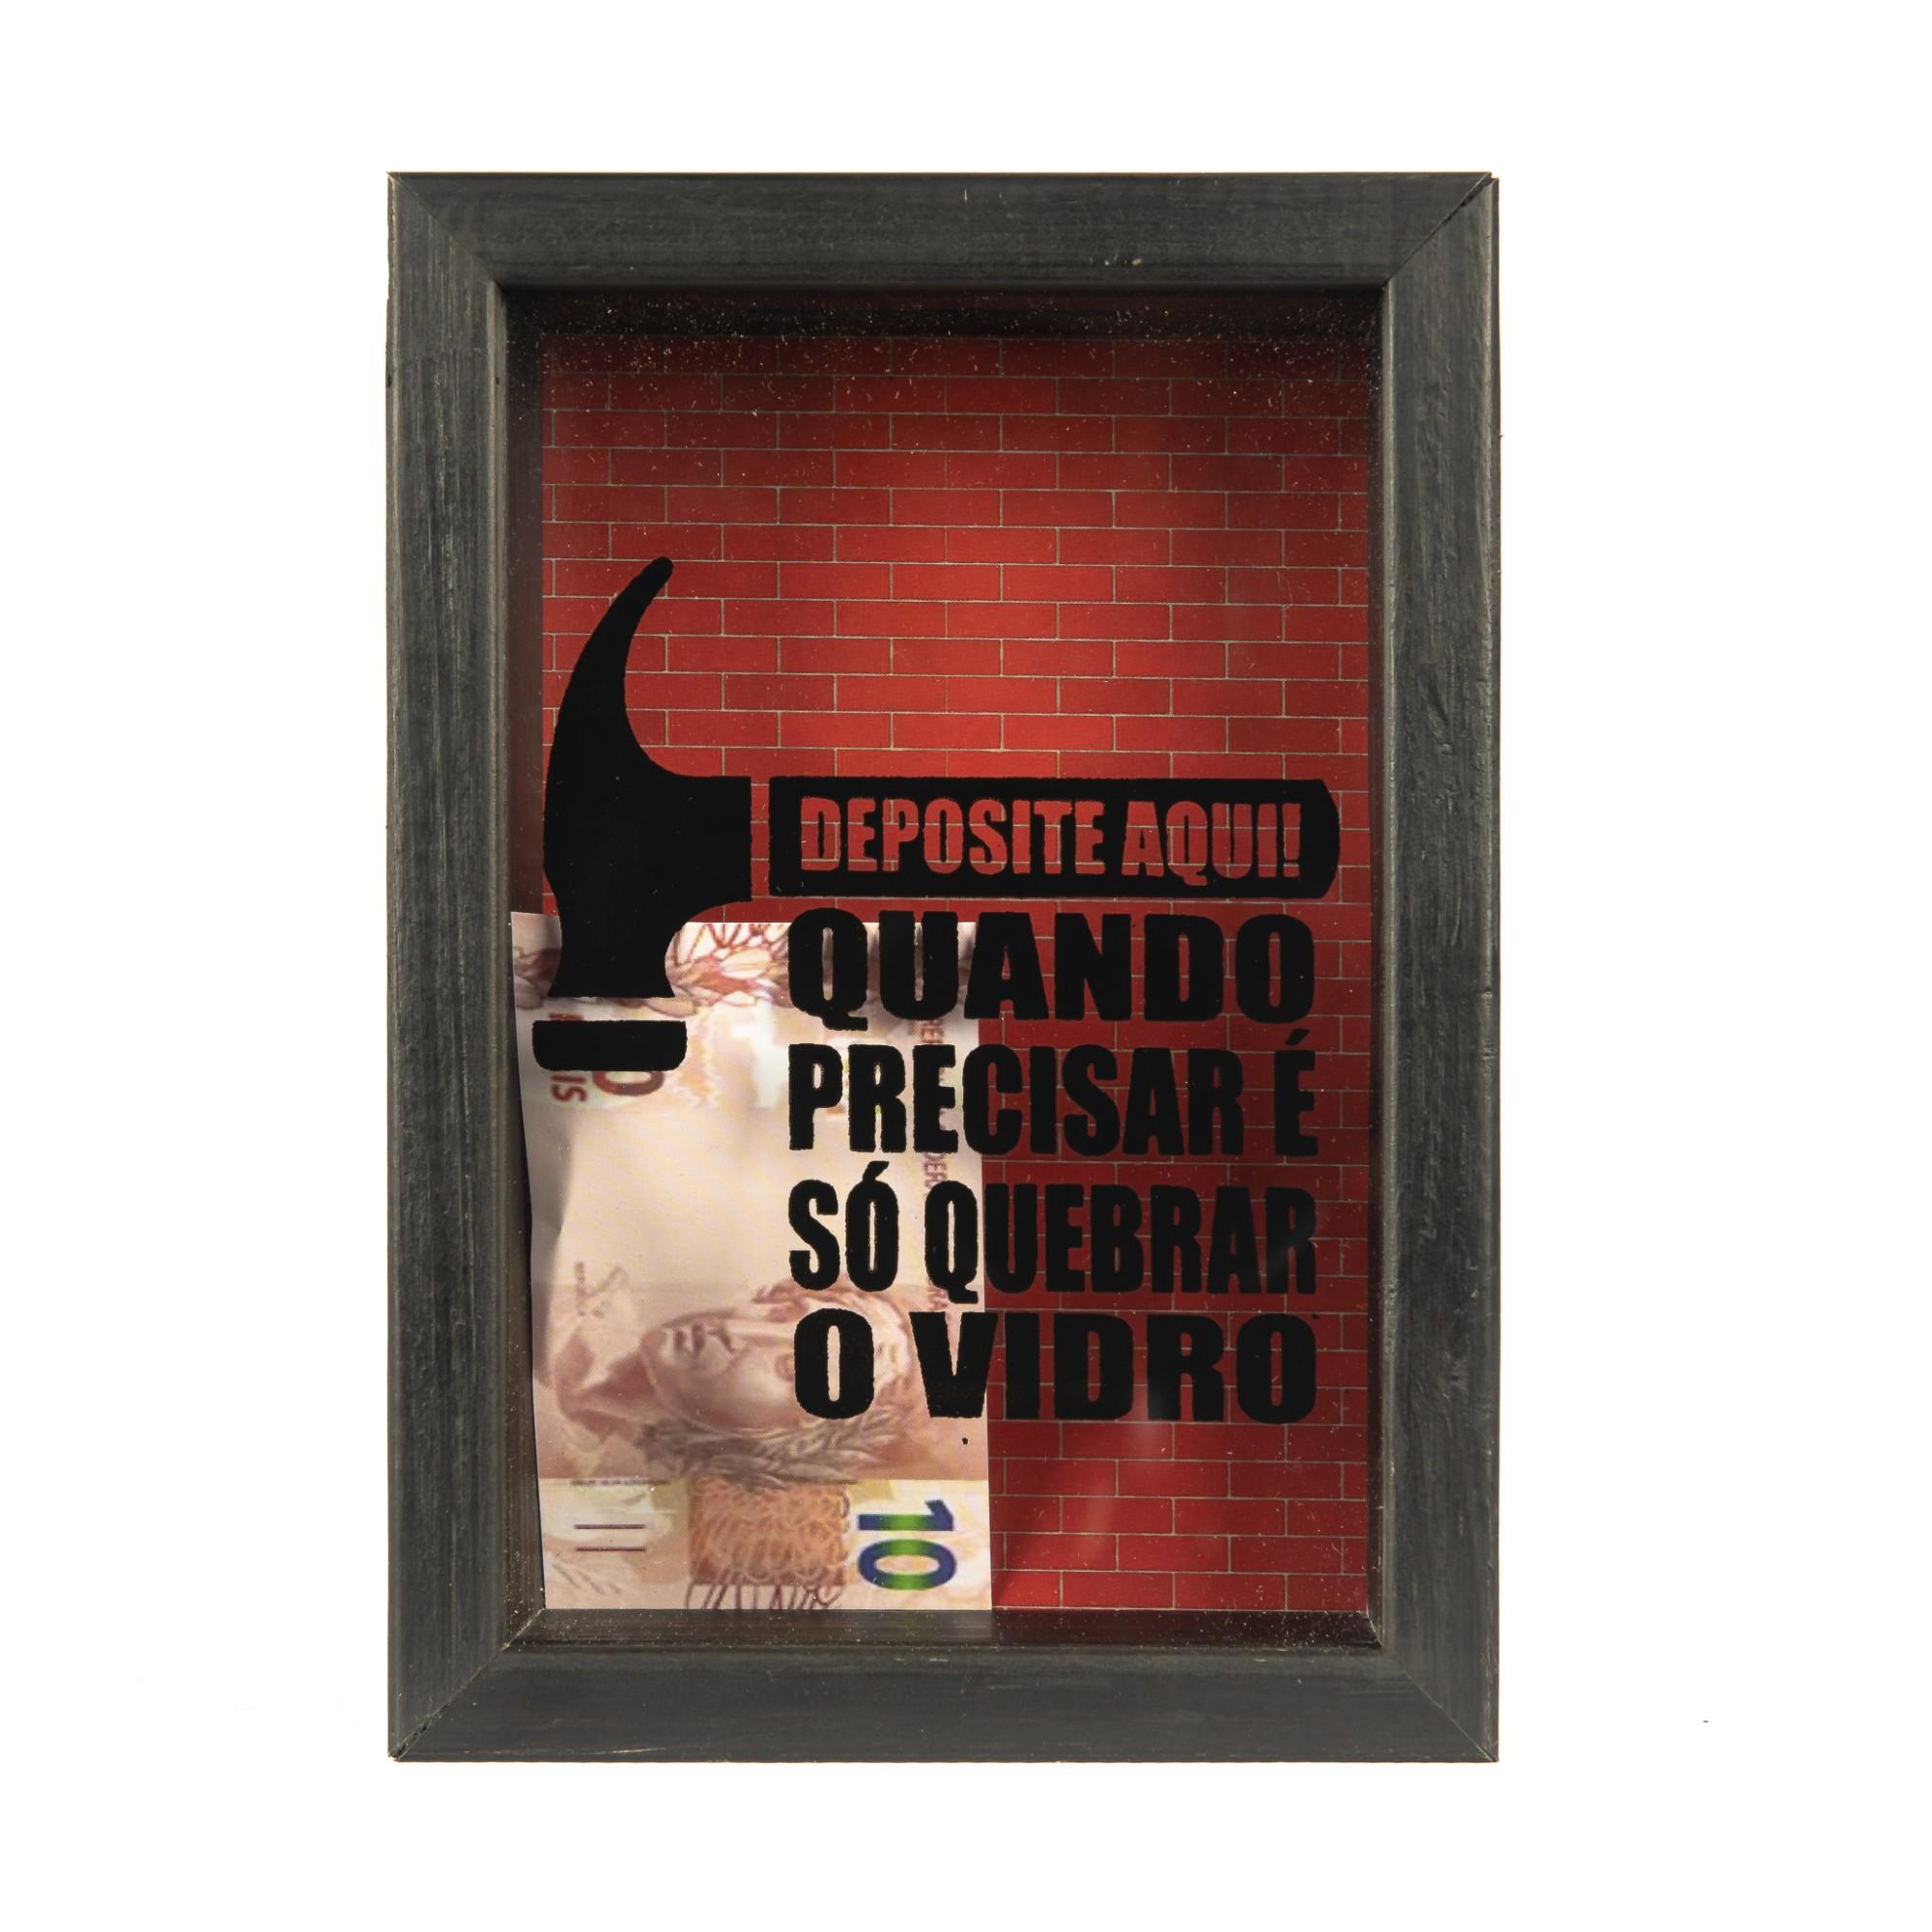 Quadro Cofre Deposite Aqui 10x15 cm 8241 - Art Frame